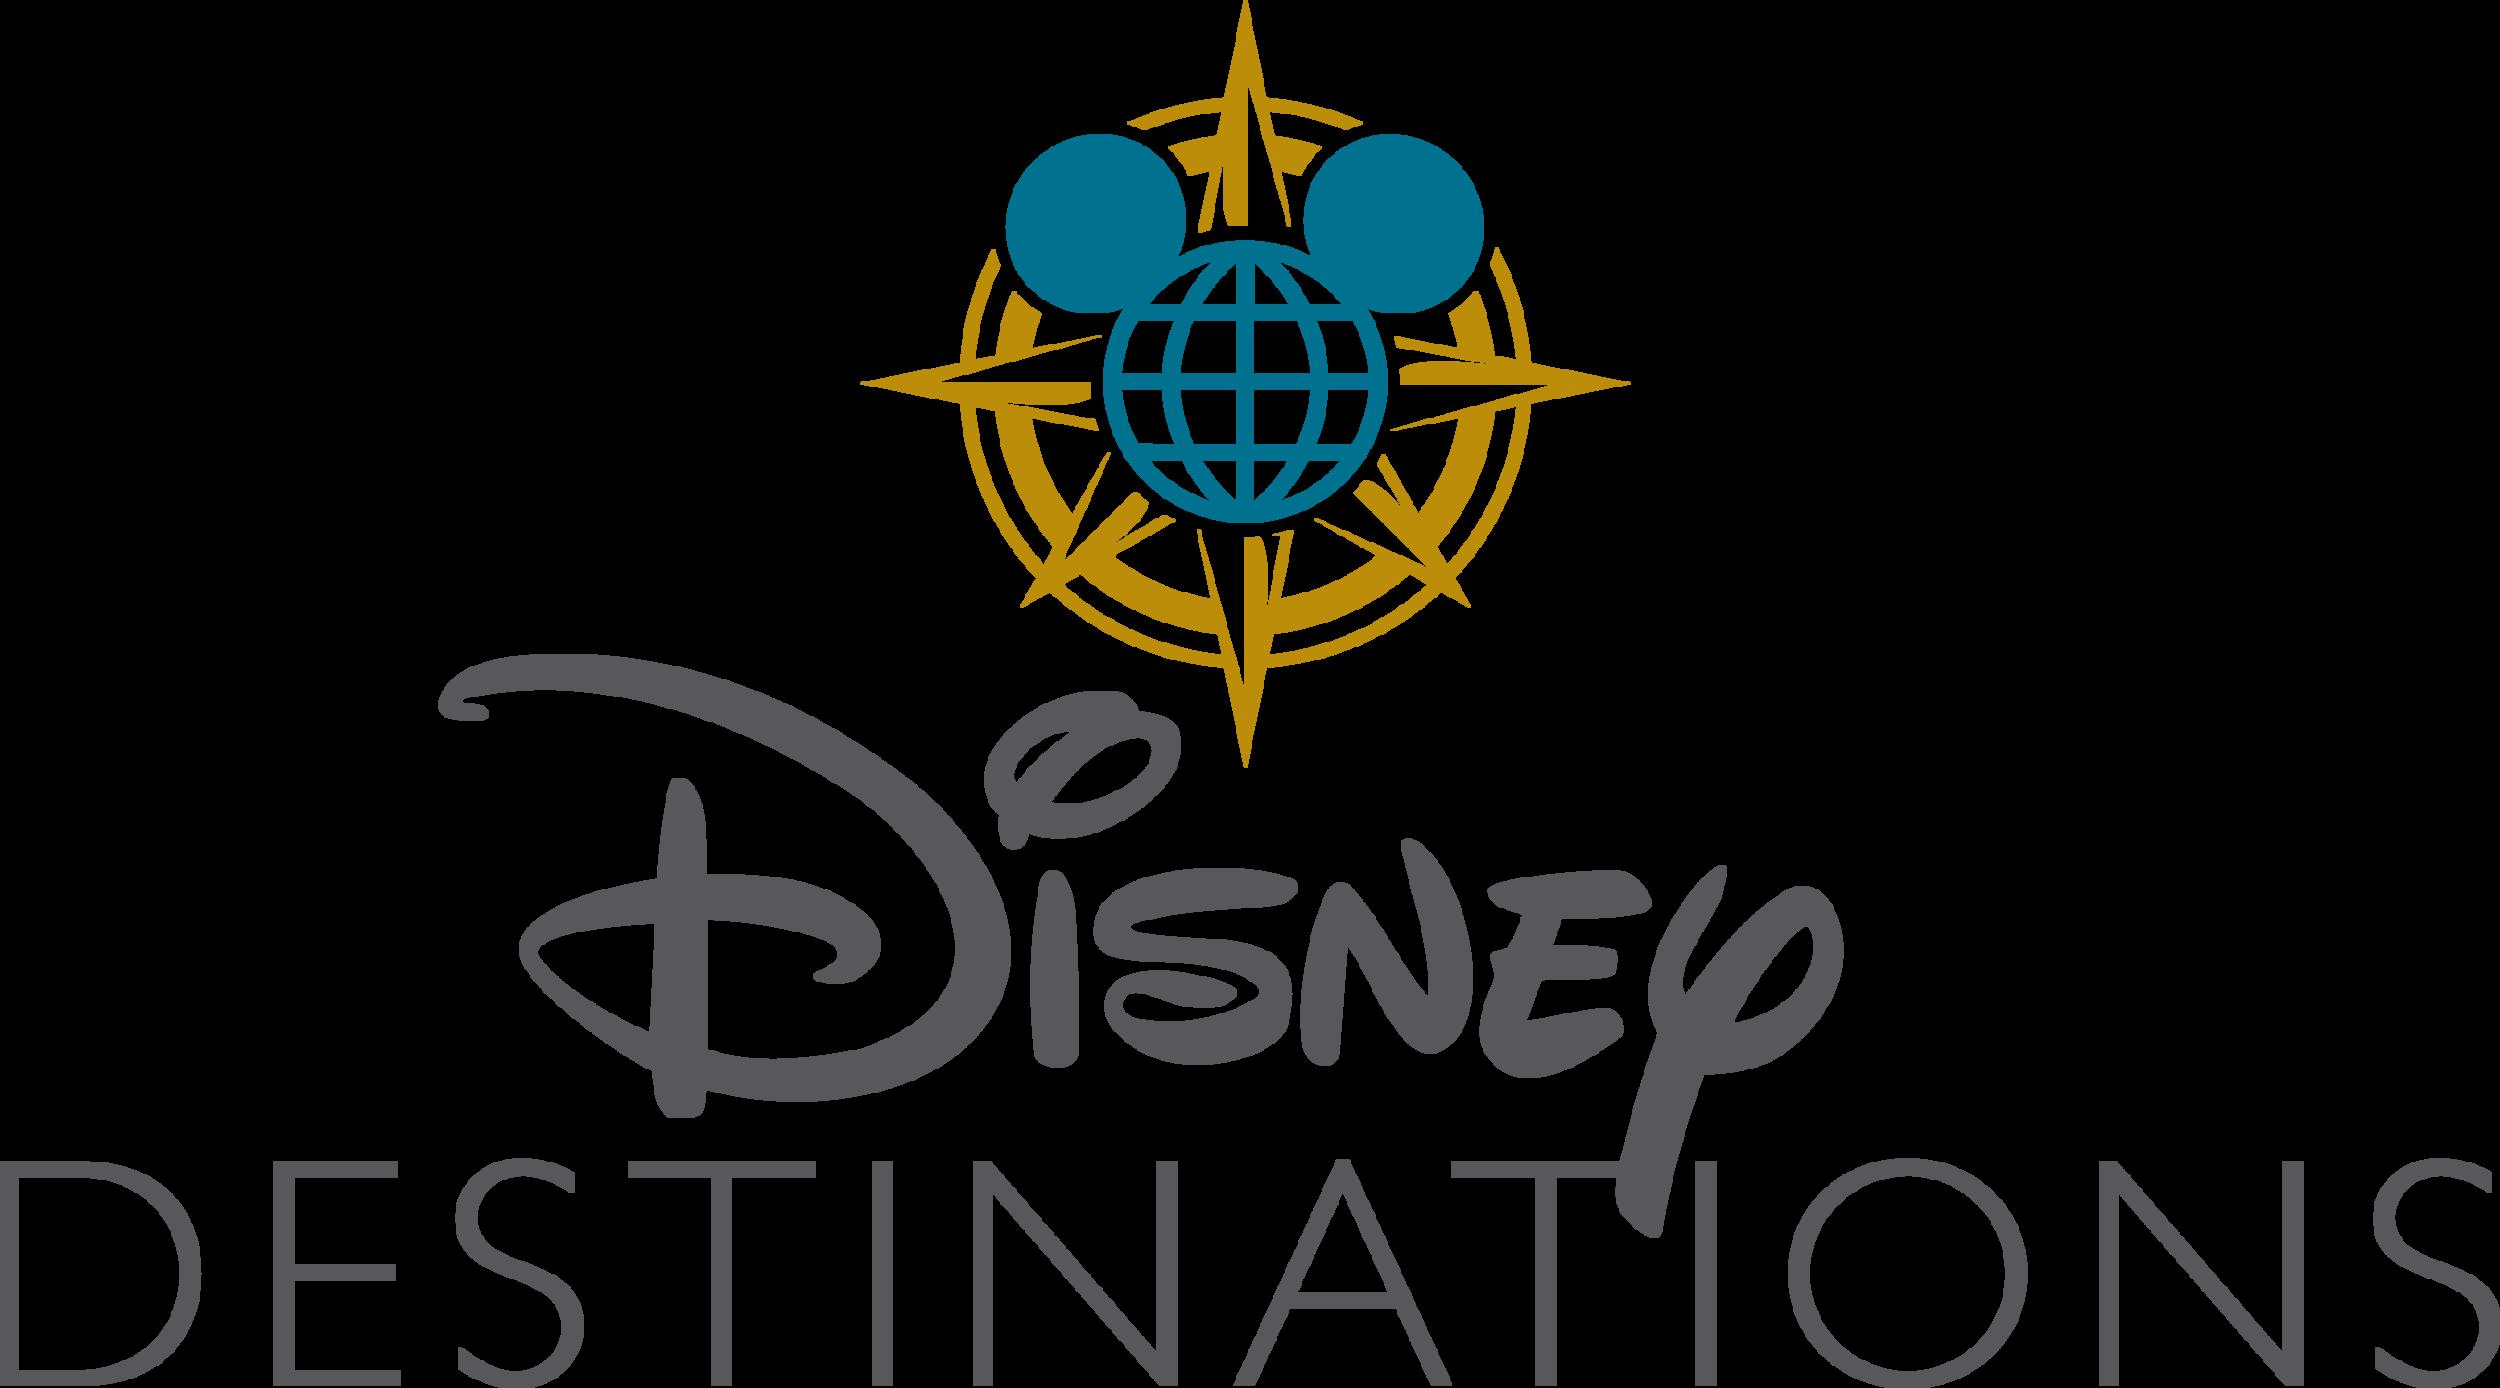 Disney Destinations SC Full color.png